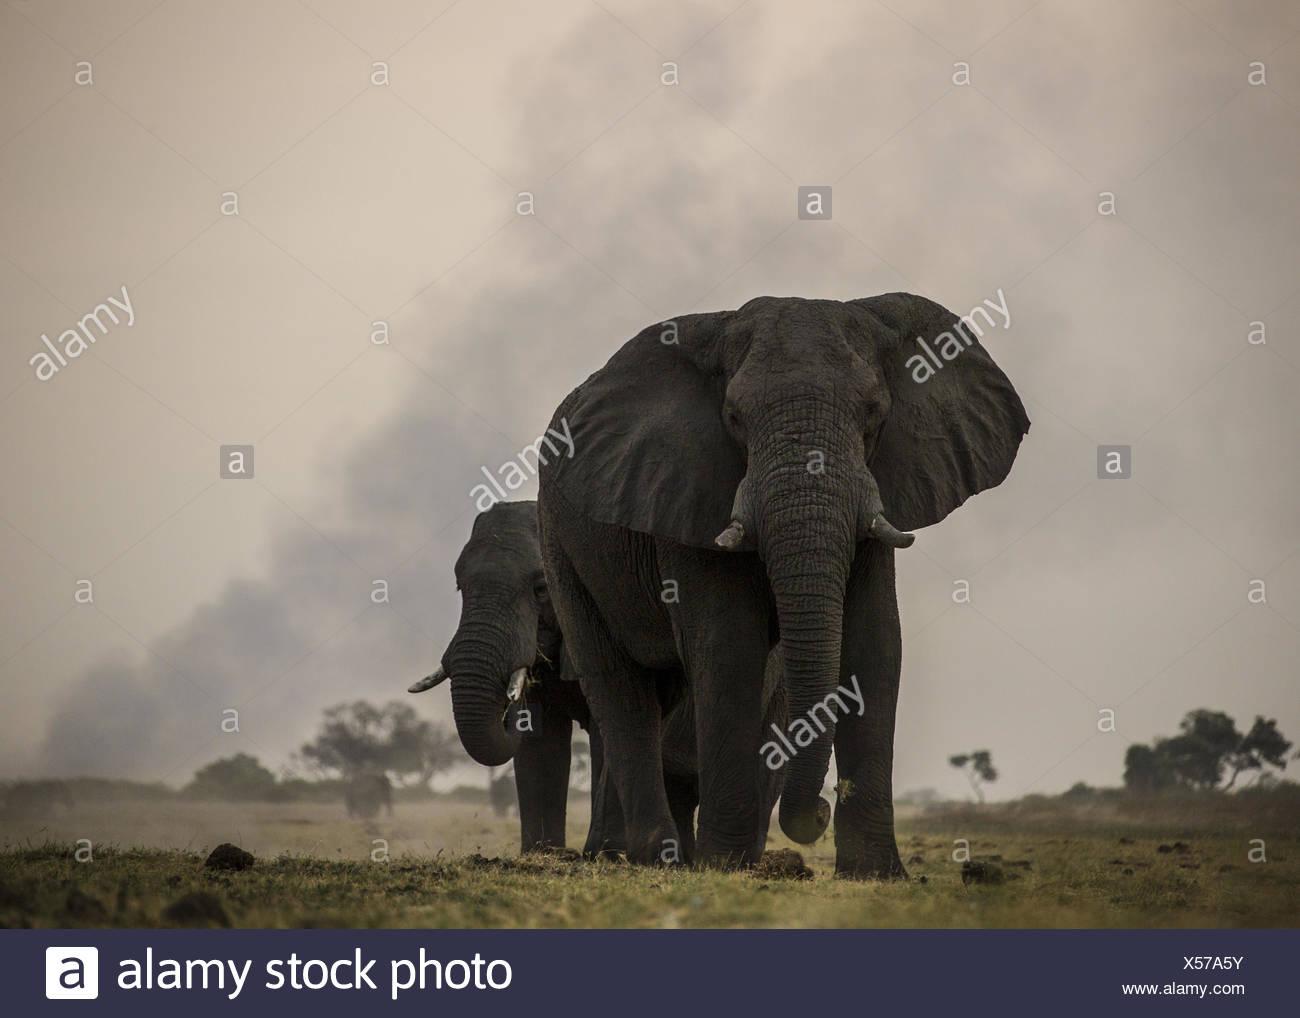 Deux éléphants, Loxodonta africana, paissent dans les plaines avec la fumée d'un feu au loin. Banque D'Images